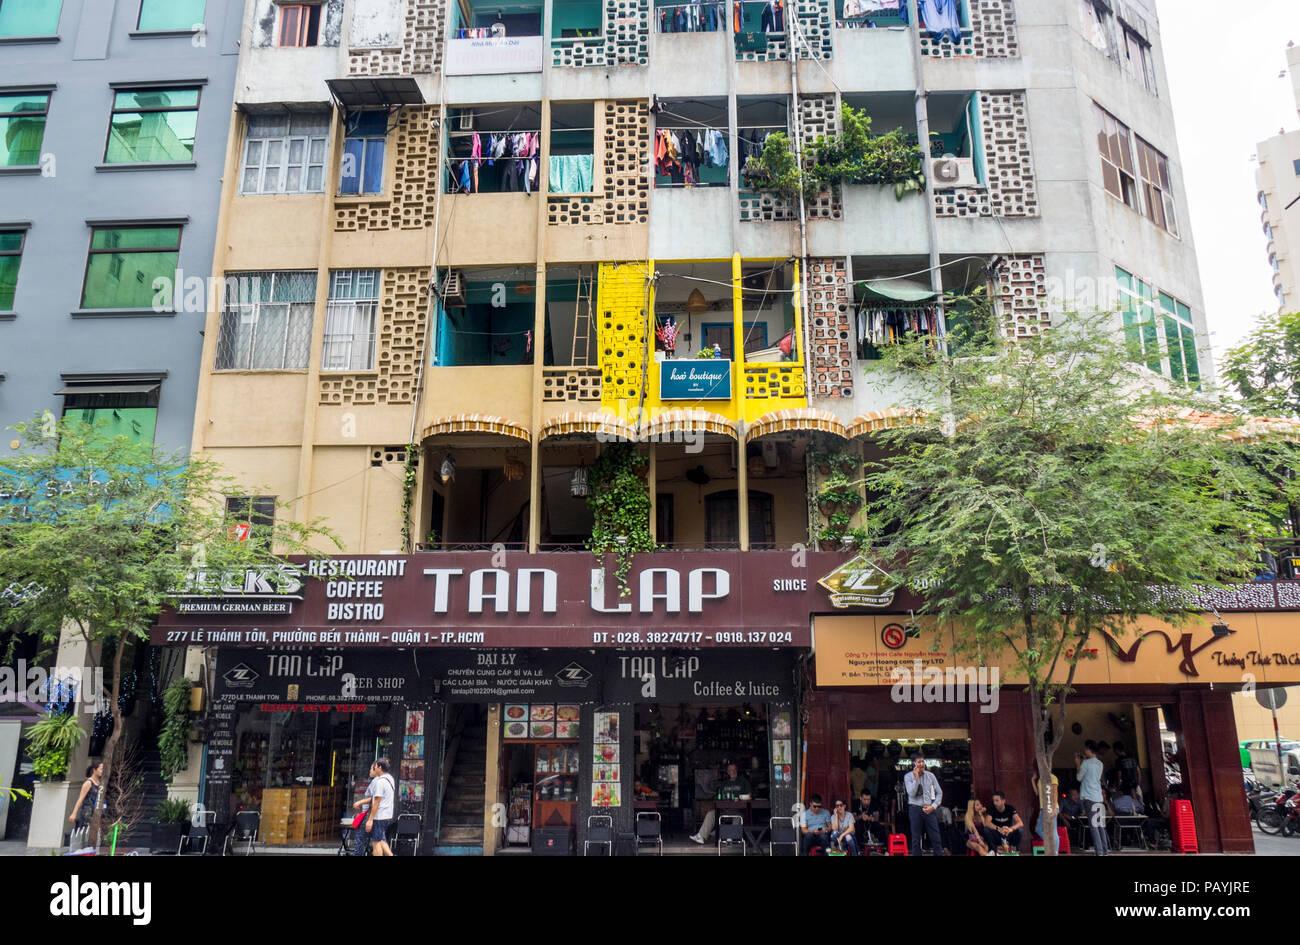 Bloque de apartamentos encima de cafeterías y restaurantes en la ciudad de Ho Chi Minh, Vietnam. Foto de stock